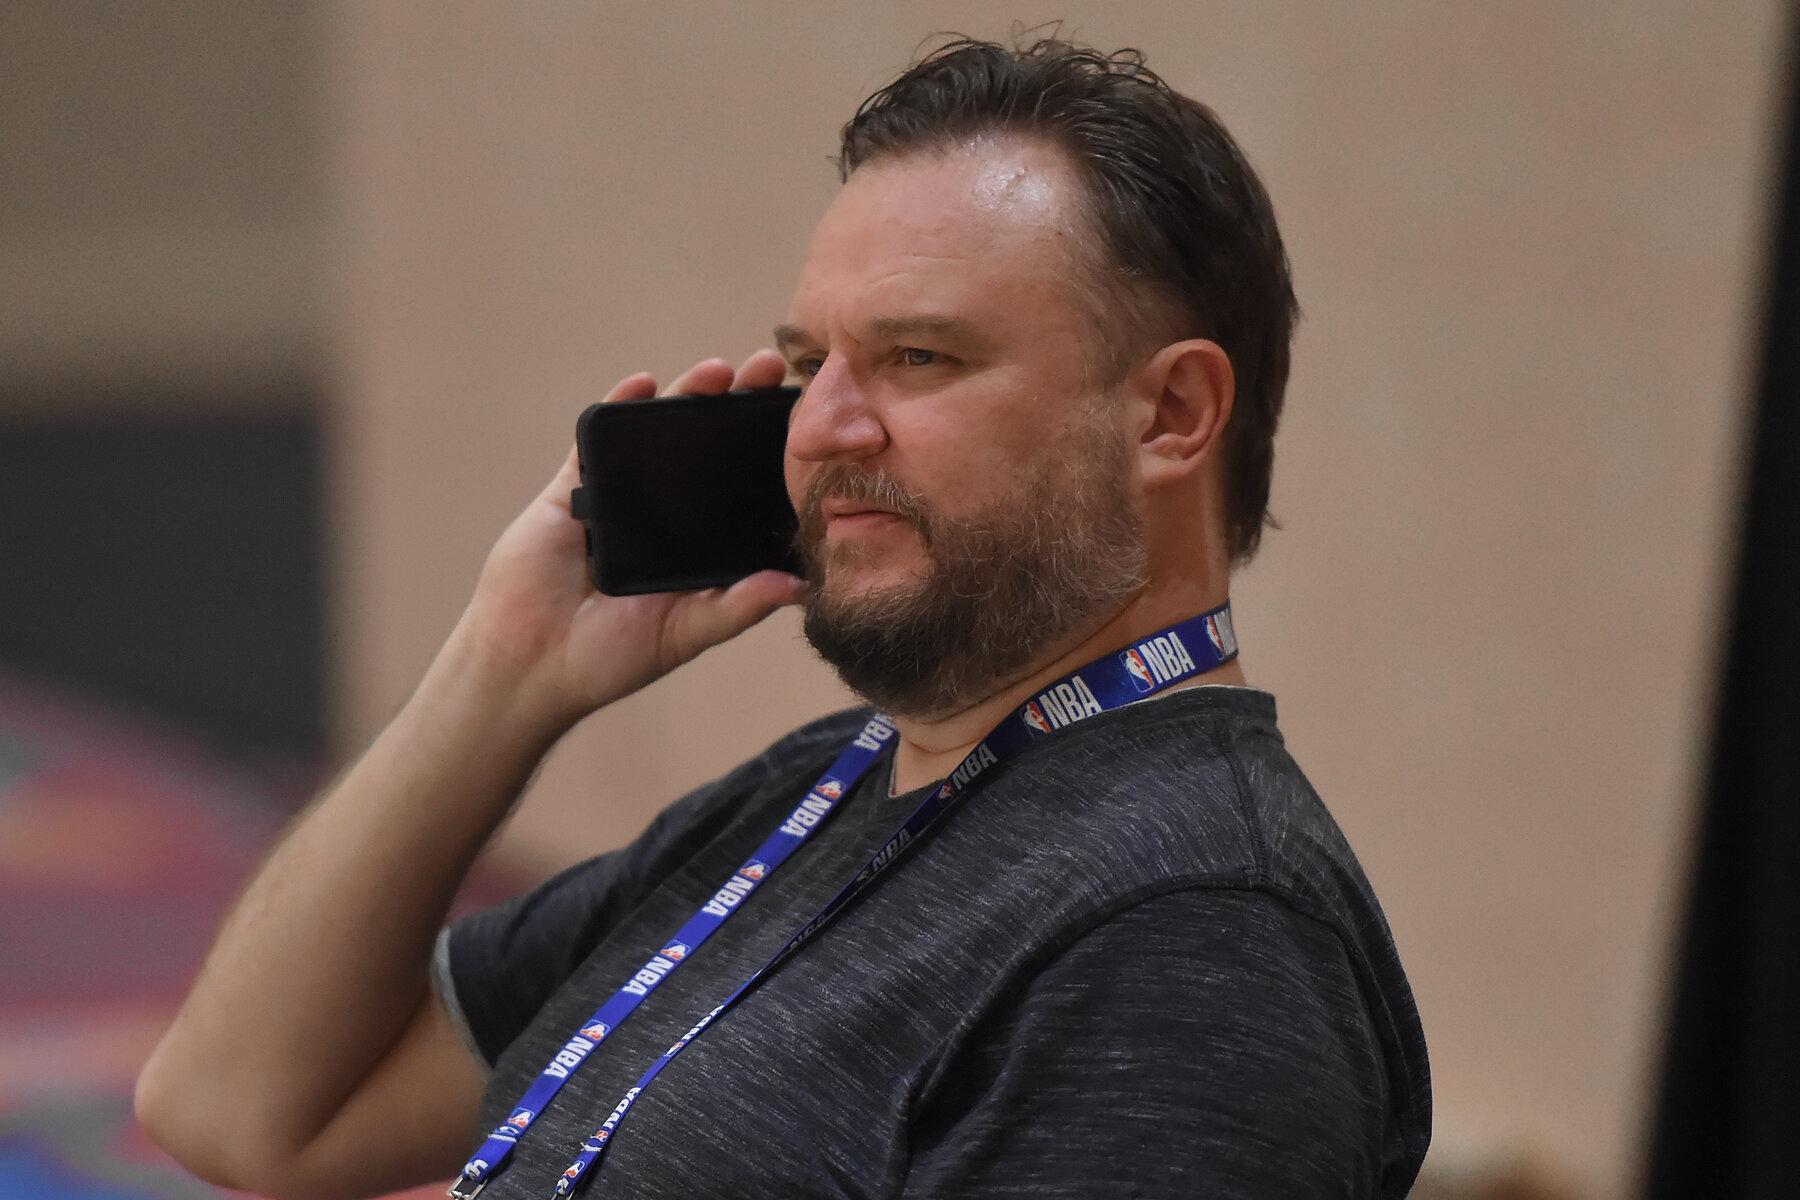 Philadelphia 76ers kiếm tìm cựu tân binh xuất sắc nhất mùa làm phương án thay thế cho Ben Simmons cuối phiên chợ hè - Ảnh 1.